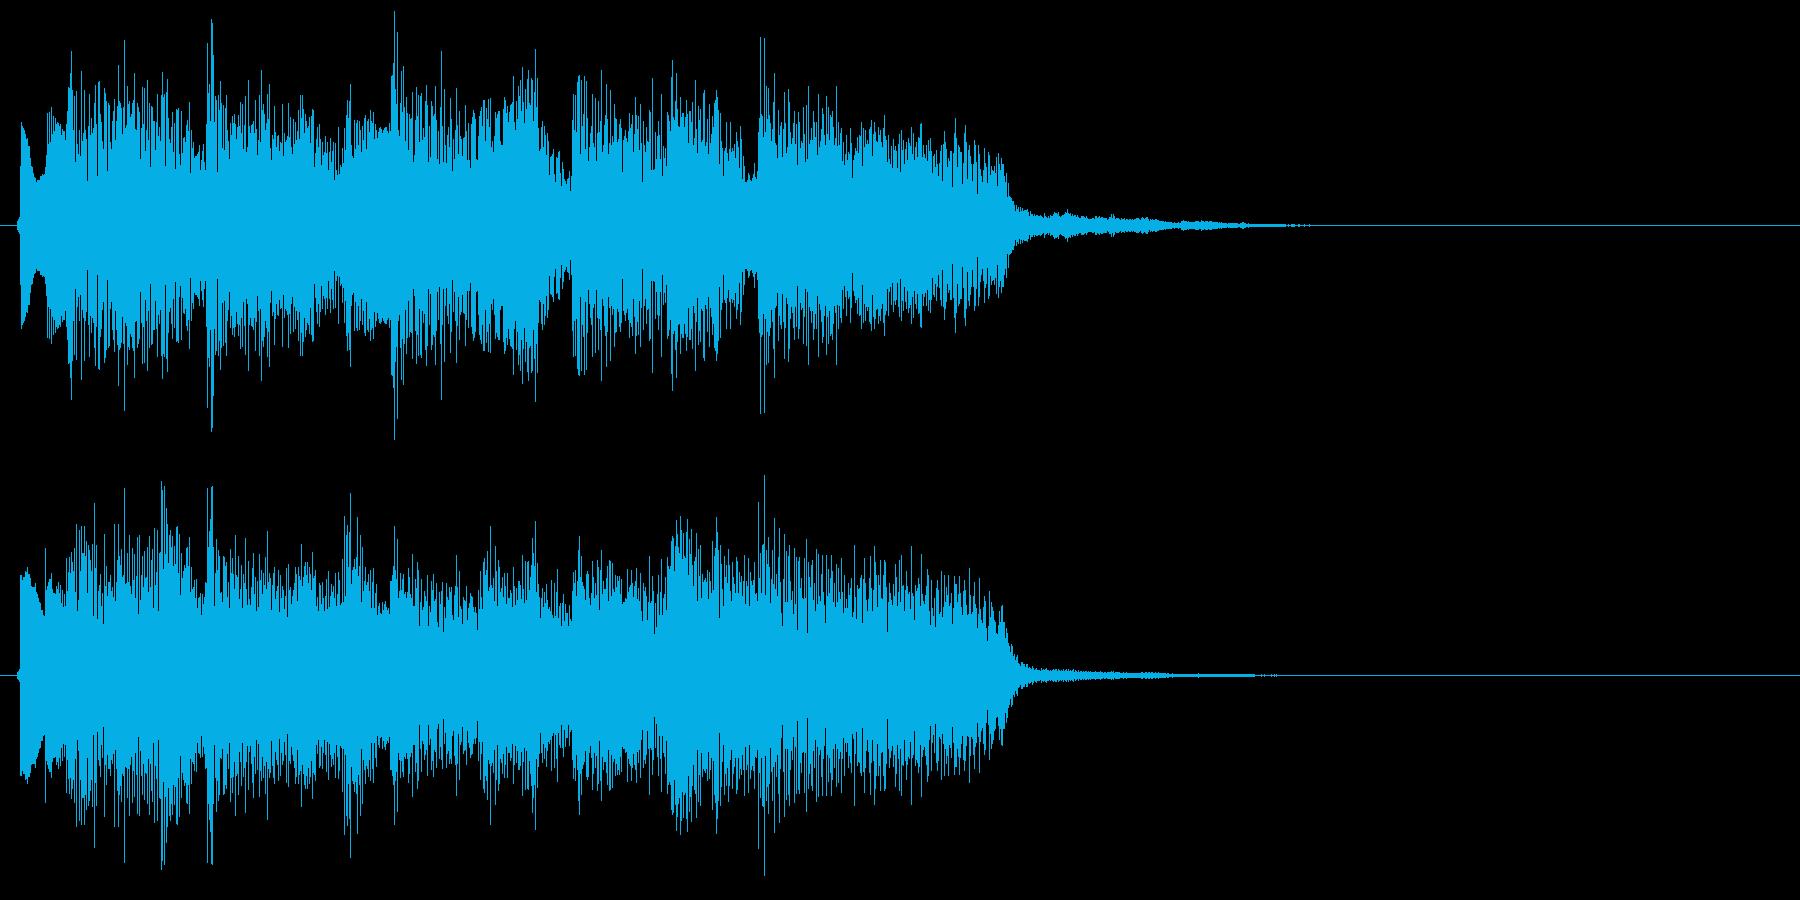 アイドルをイメージしたジングル 4小節Aの再生済みの波形